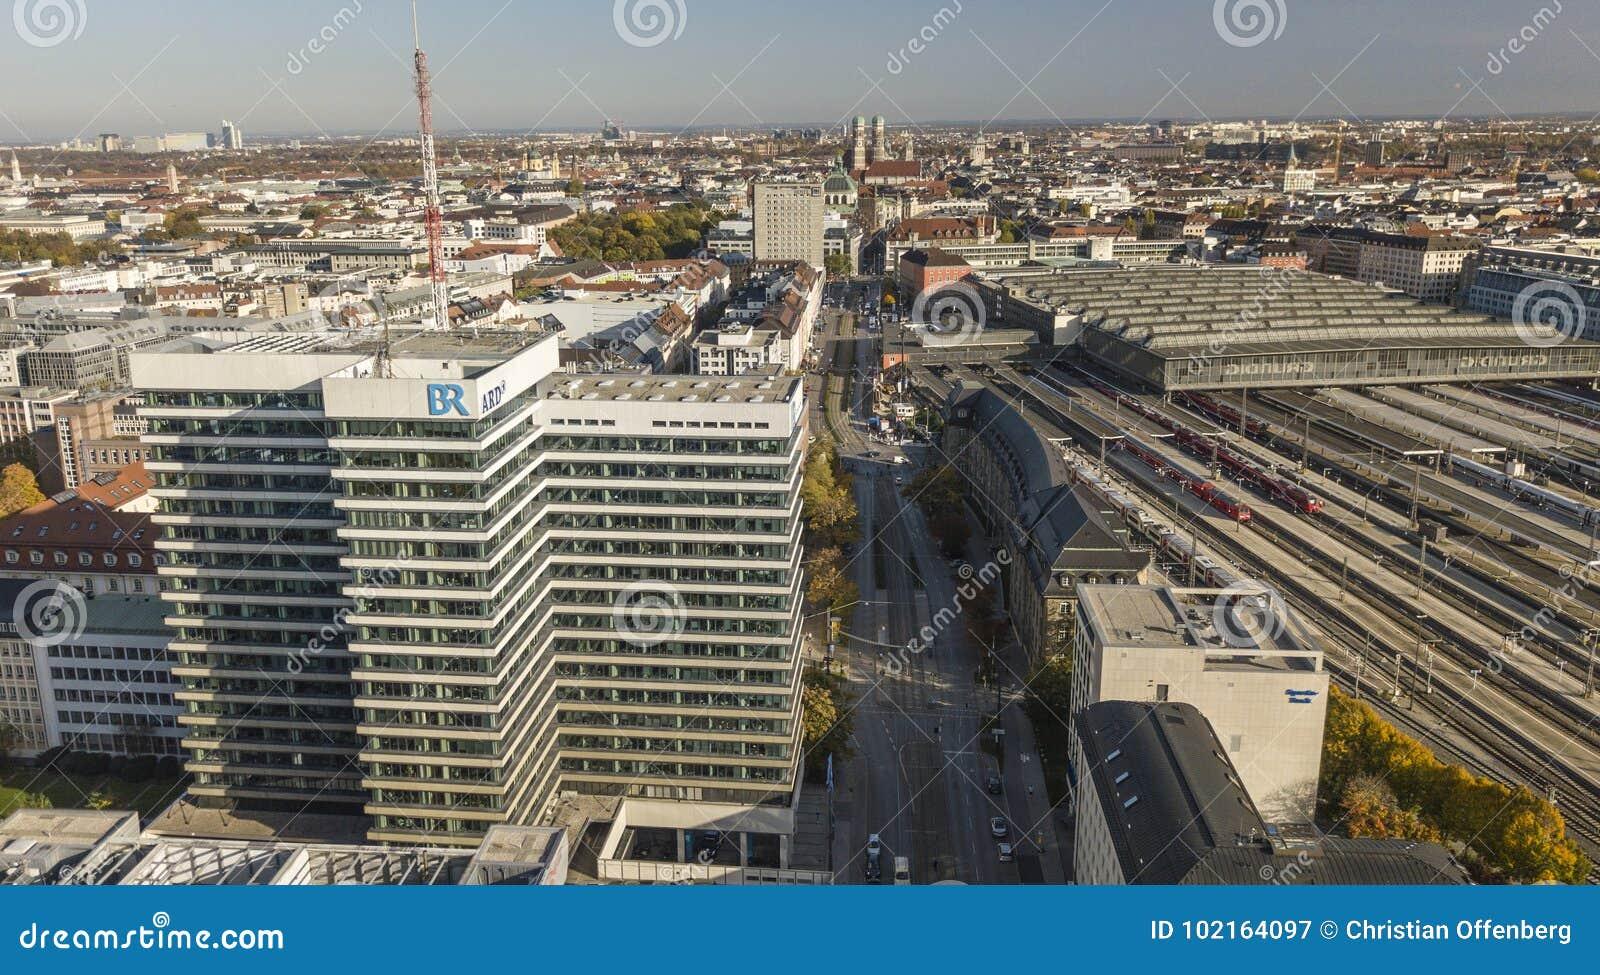 München, Duitsland 17/10/2017: Hoofdkwartier van de openbare omroep ARD/Bayerische Rundfunk in München